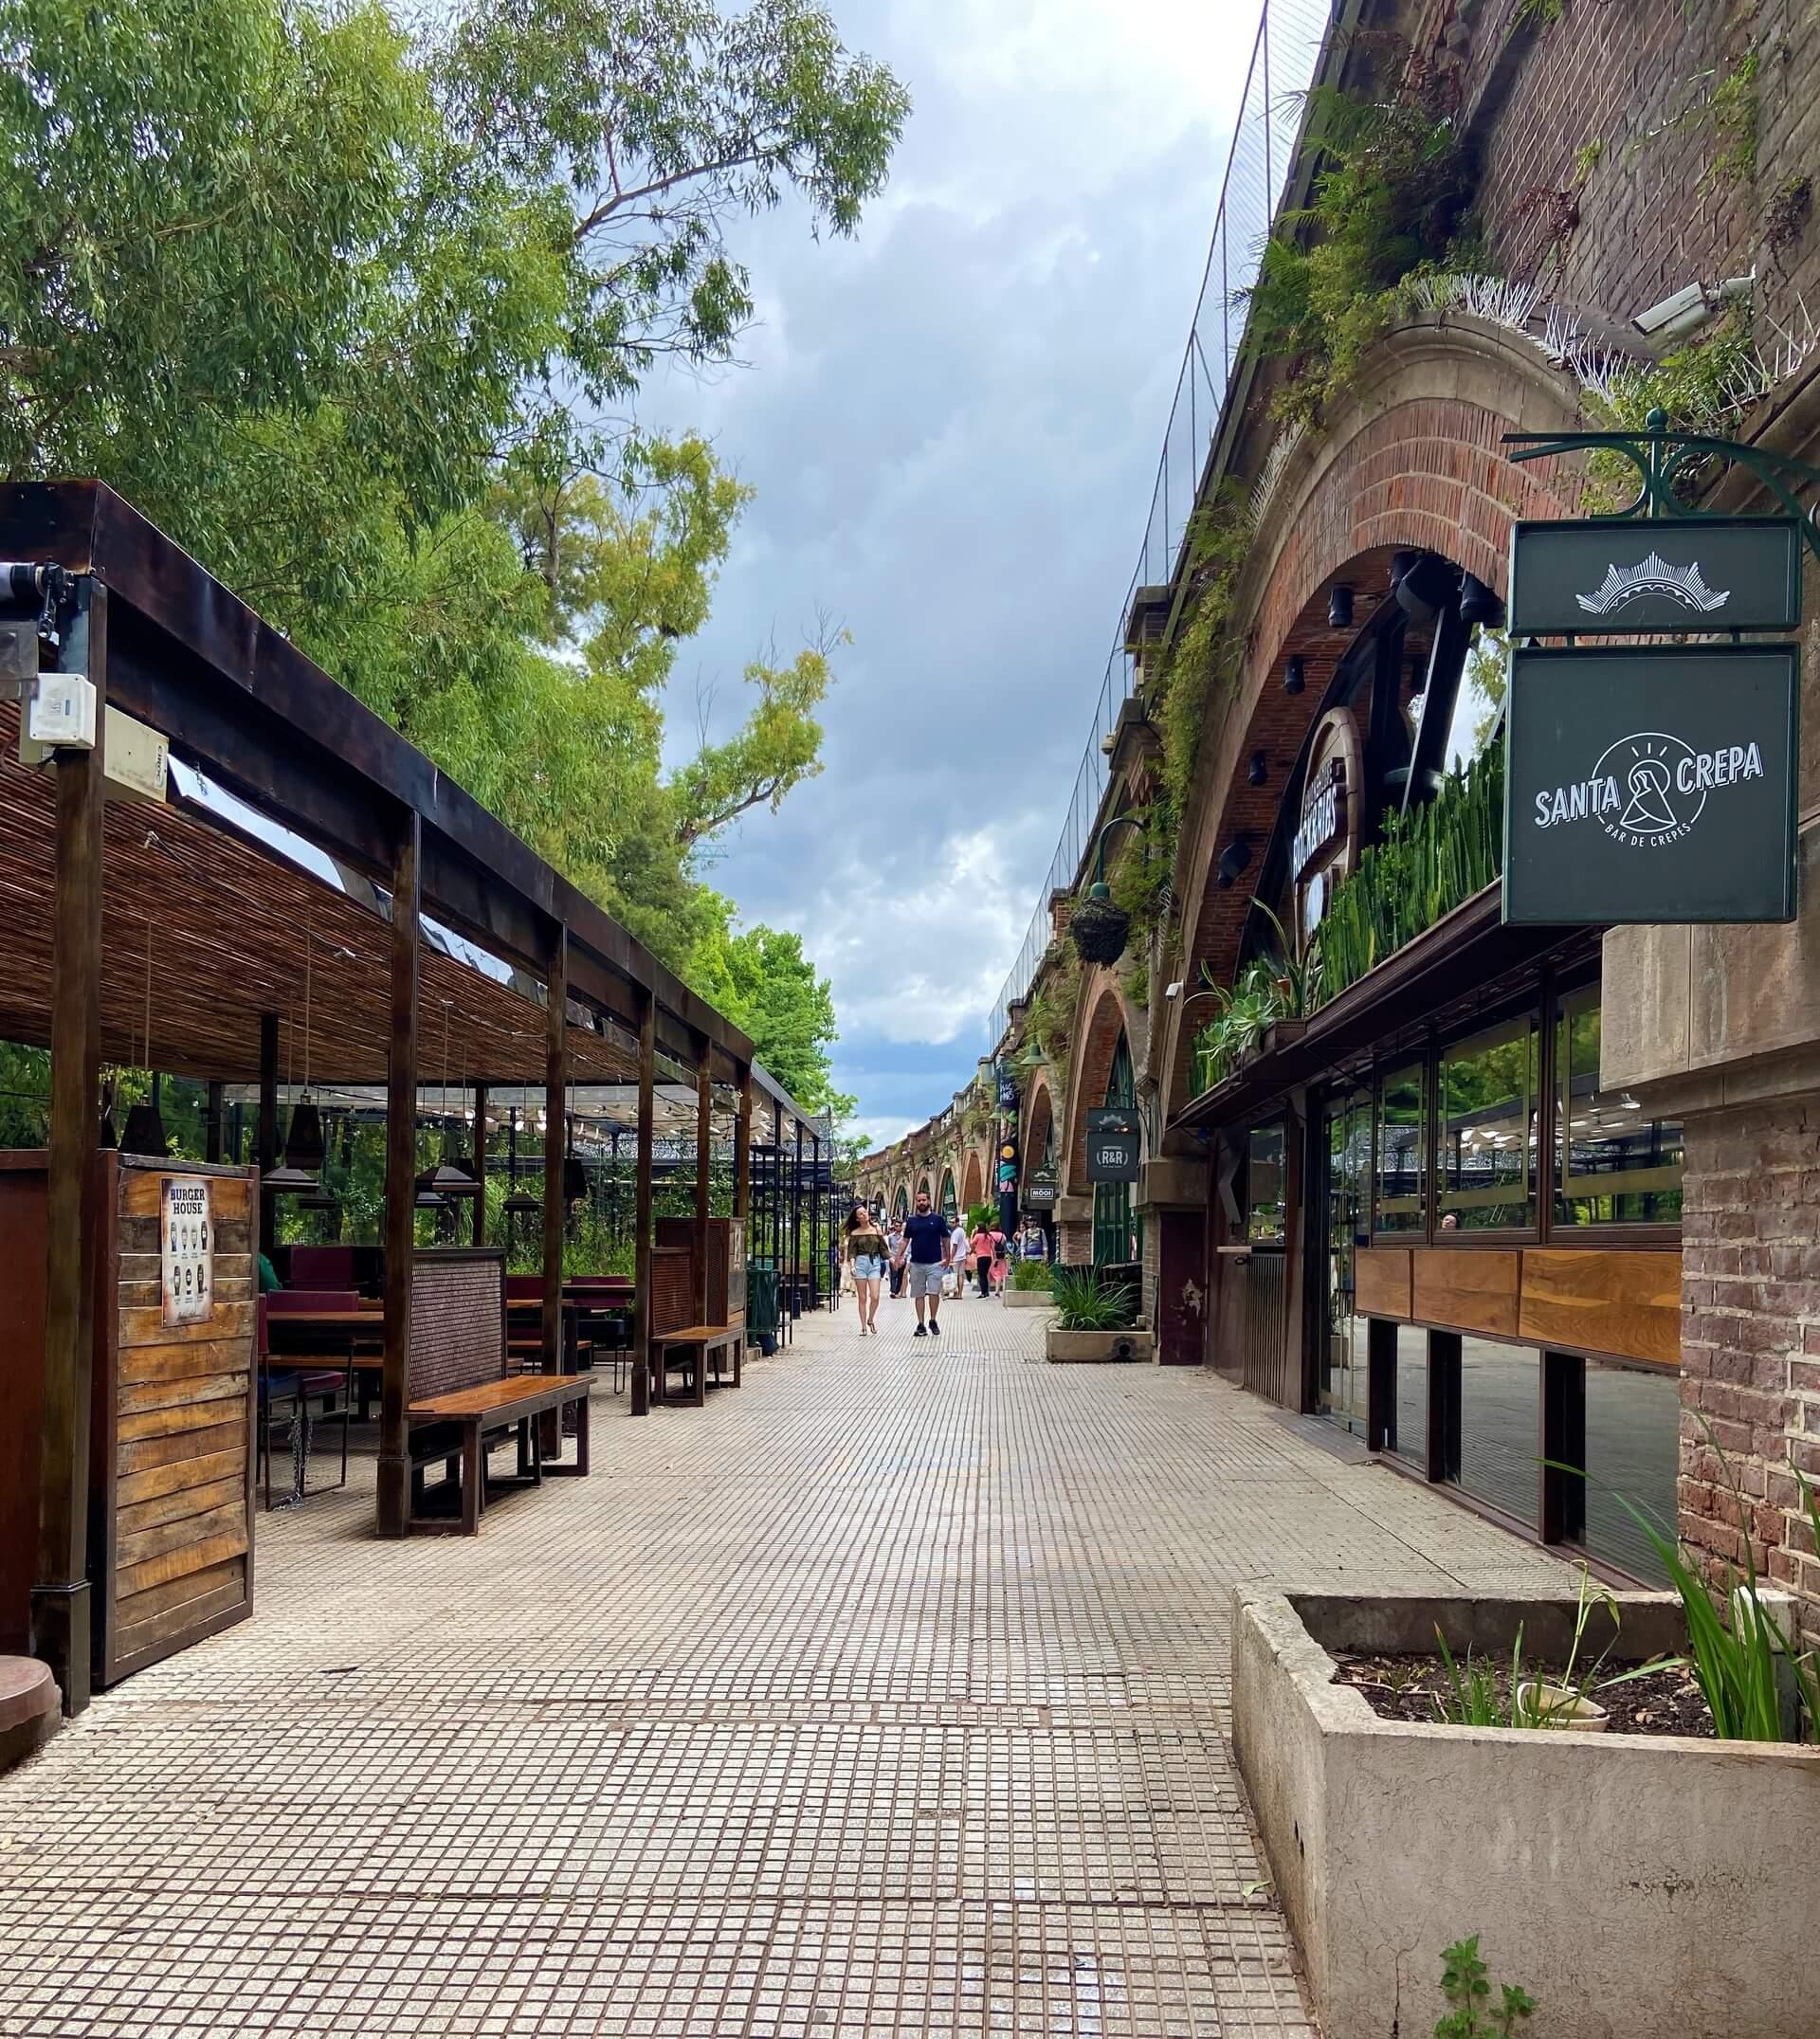 Em 2017, foi inaugurado o Arcos del Rosedal, um espaço ao lado do parque que conta com bares, cafés e sorveterias. Ao lado do parque e do lago, ele trouxe muita vitalidade e movimentação para o espaço. Foto: Fabíola Cordeiro.